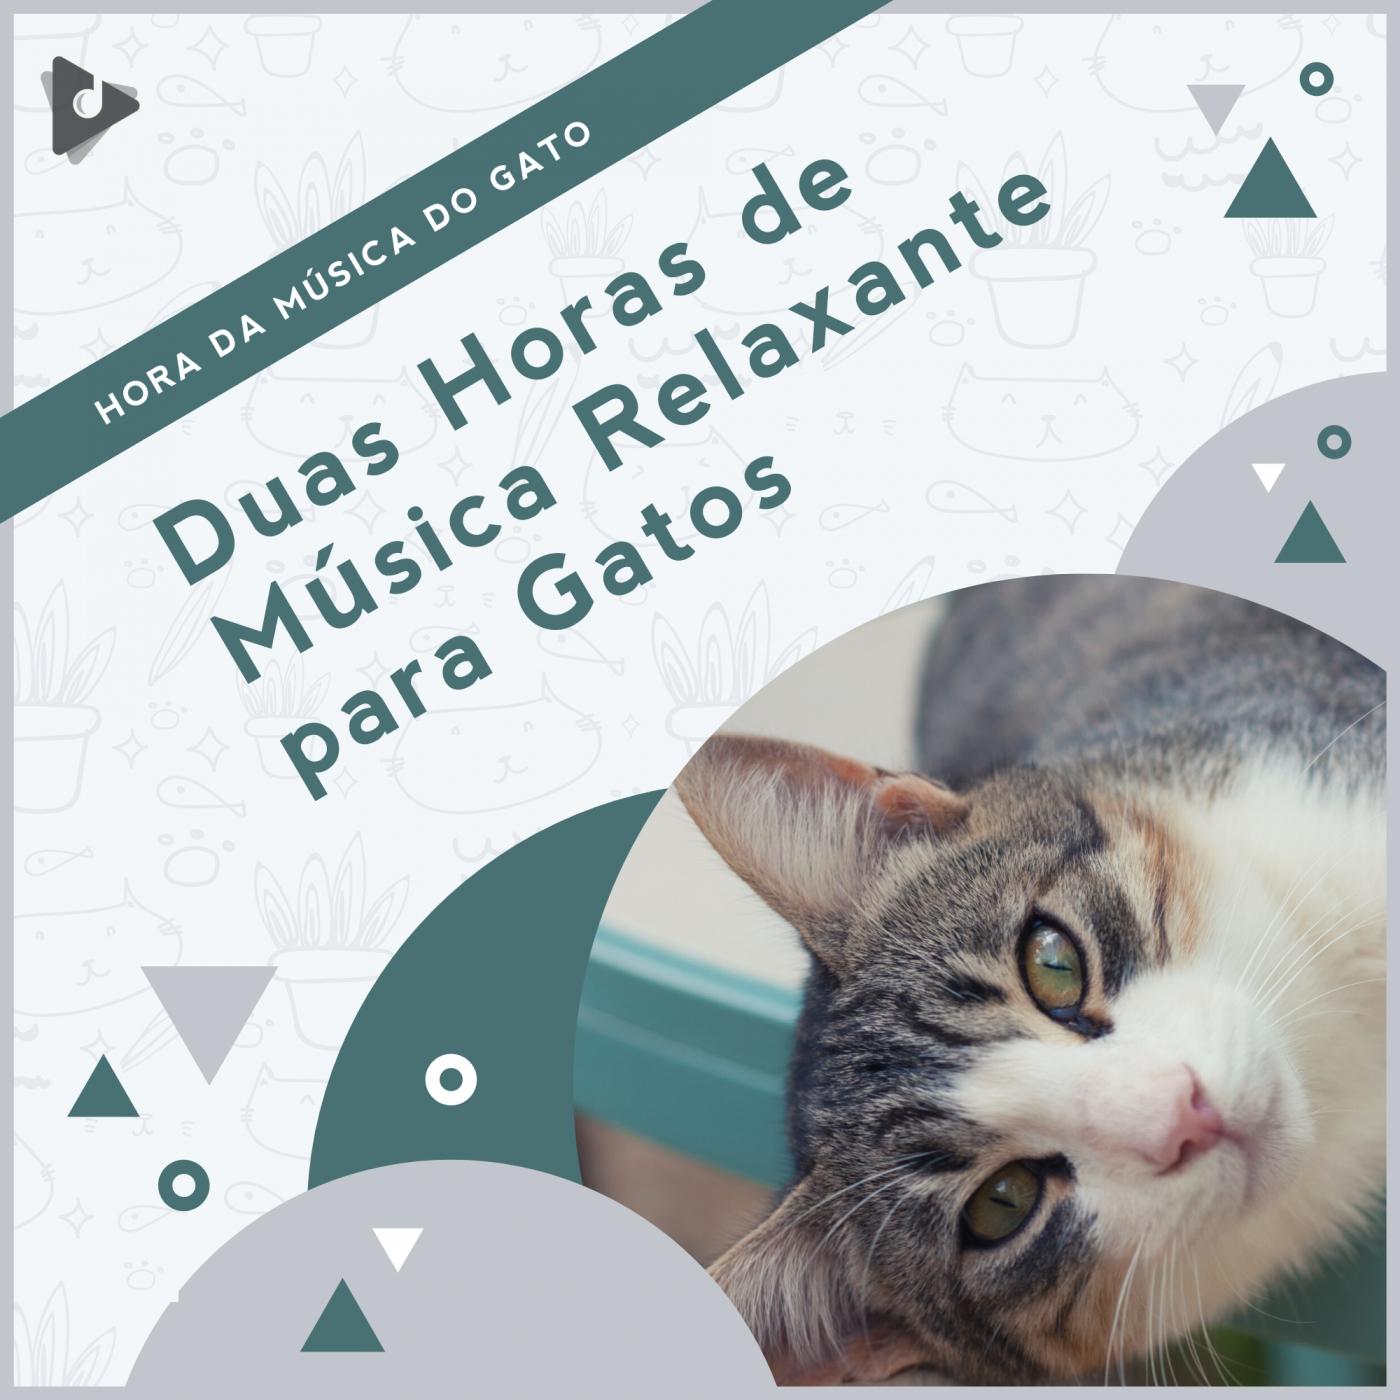 Duas Horas de Música Relaxante para Gatos